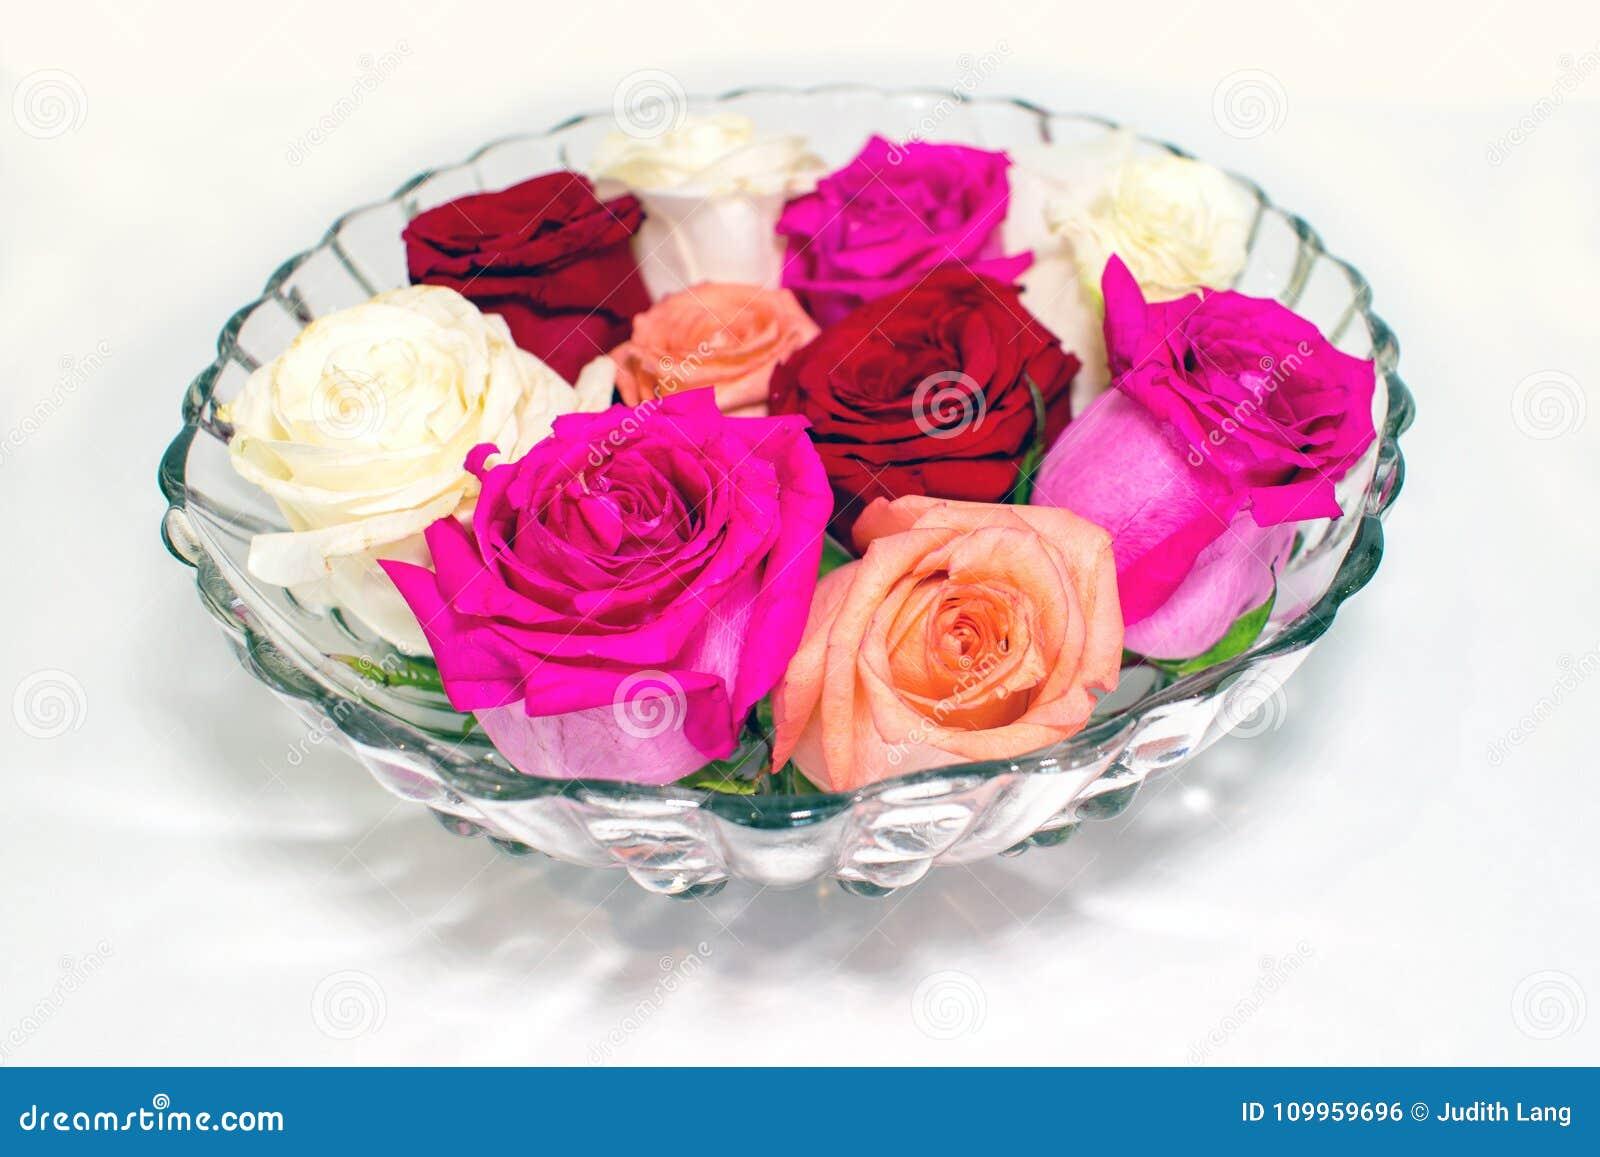 Διάφορα ροδαλά άνθη στο αναδρομικό γυαλί κυλούν